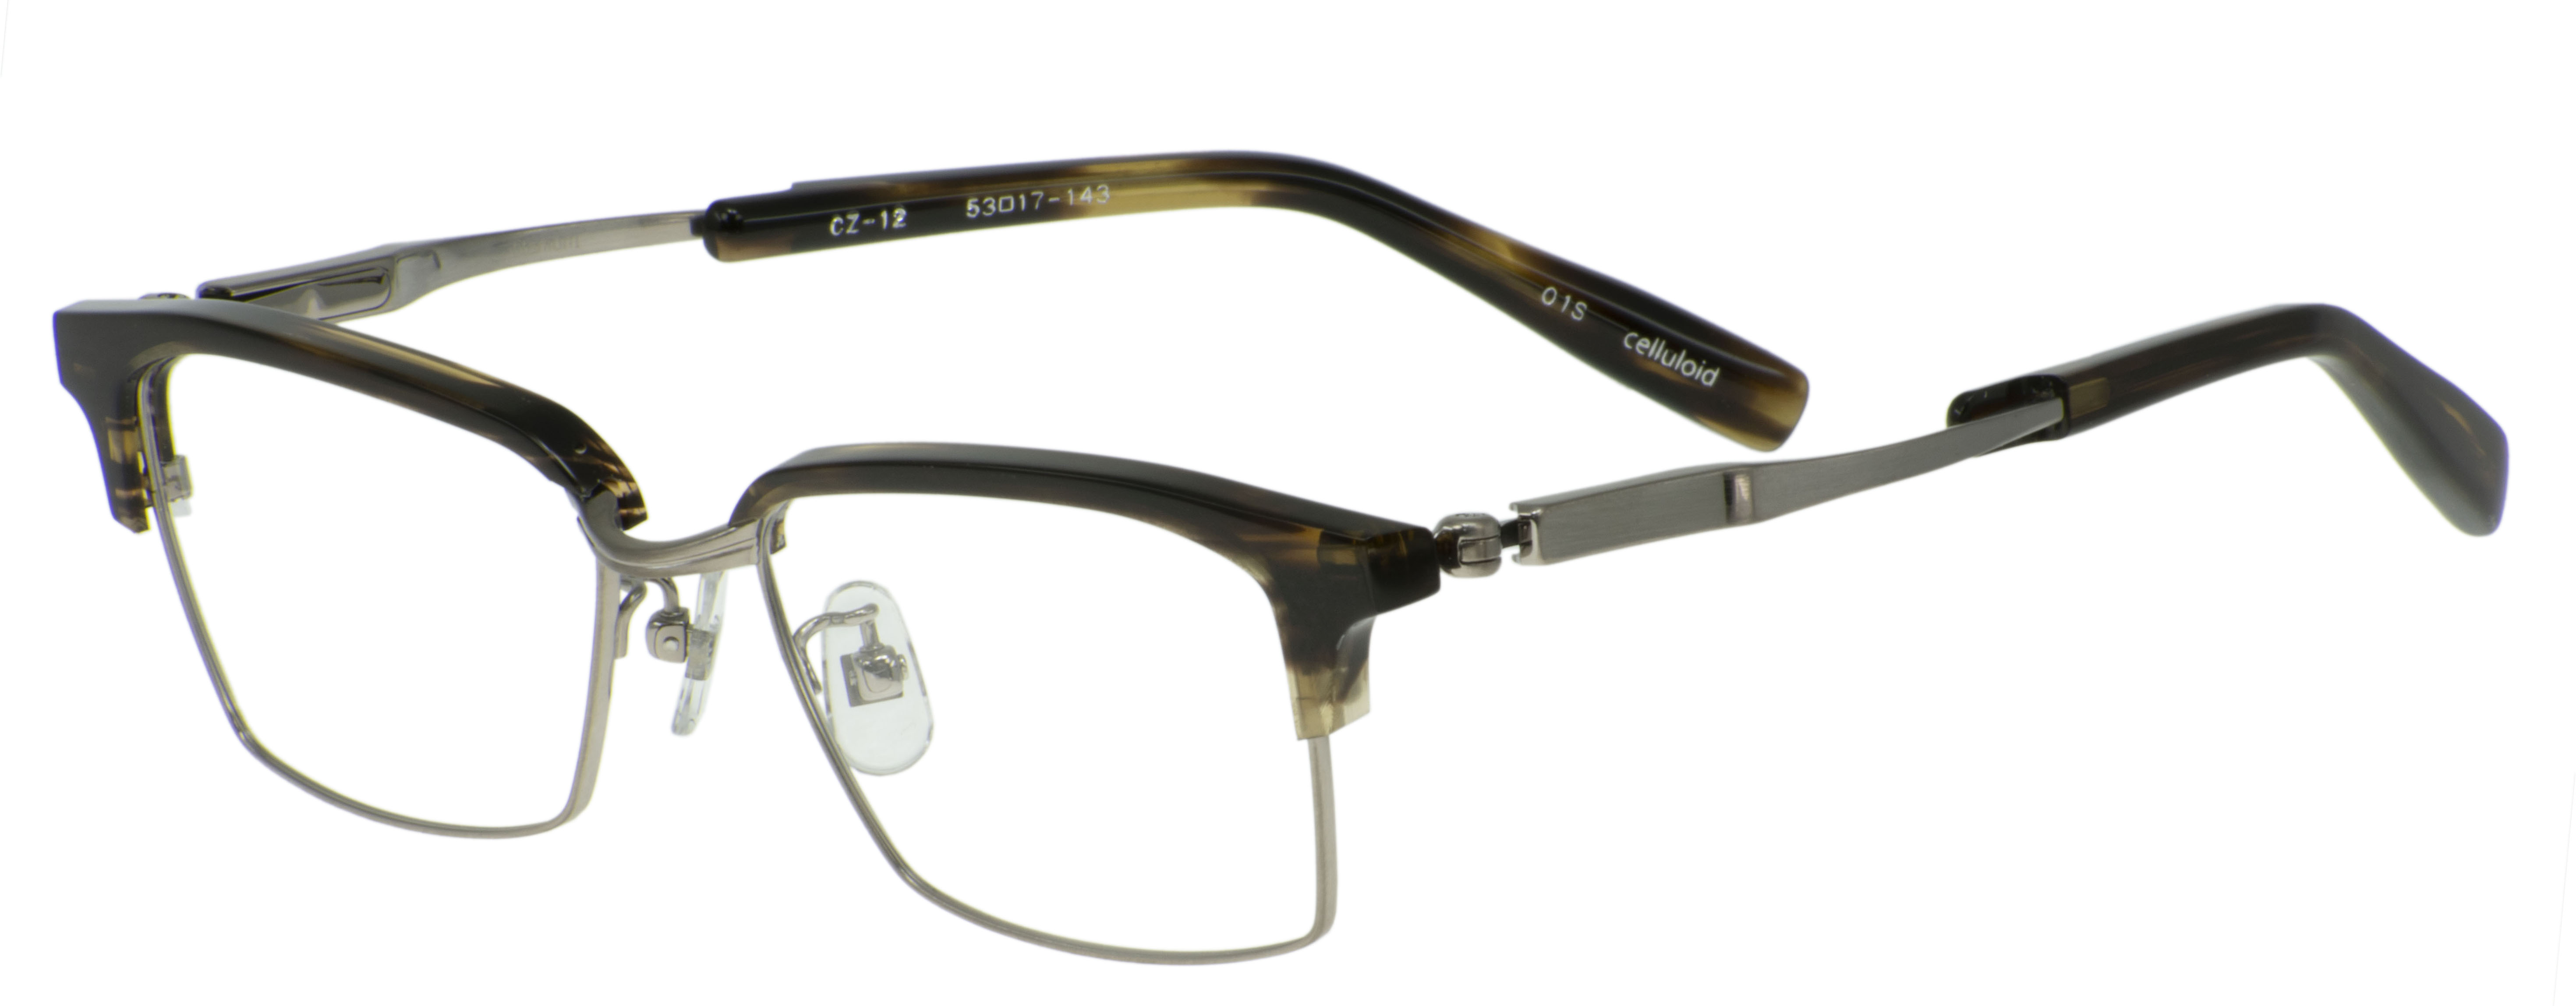 DJUAL CZ-12 01S ¥45,000 02